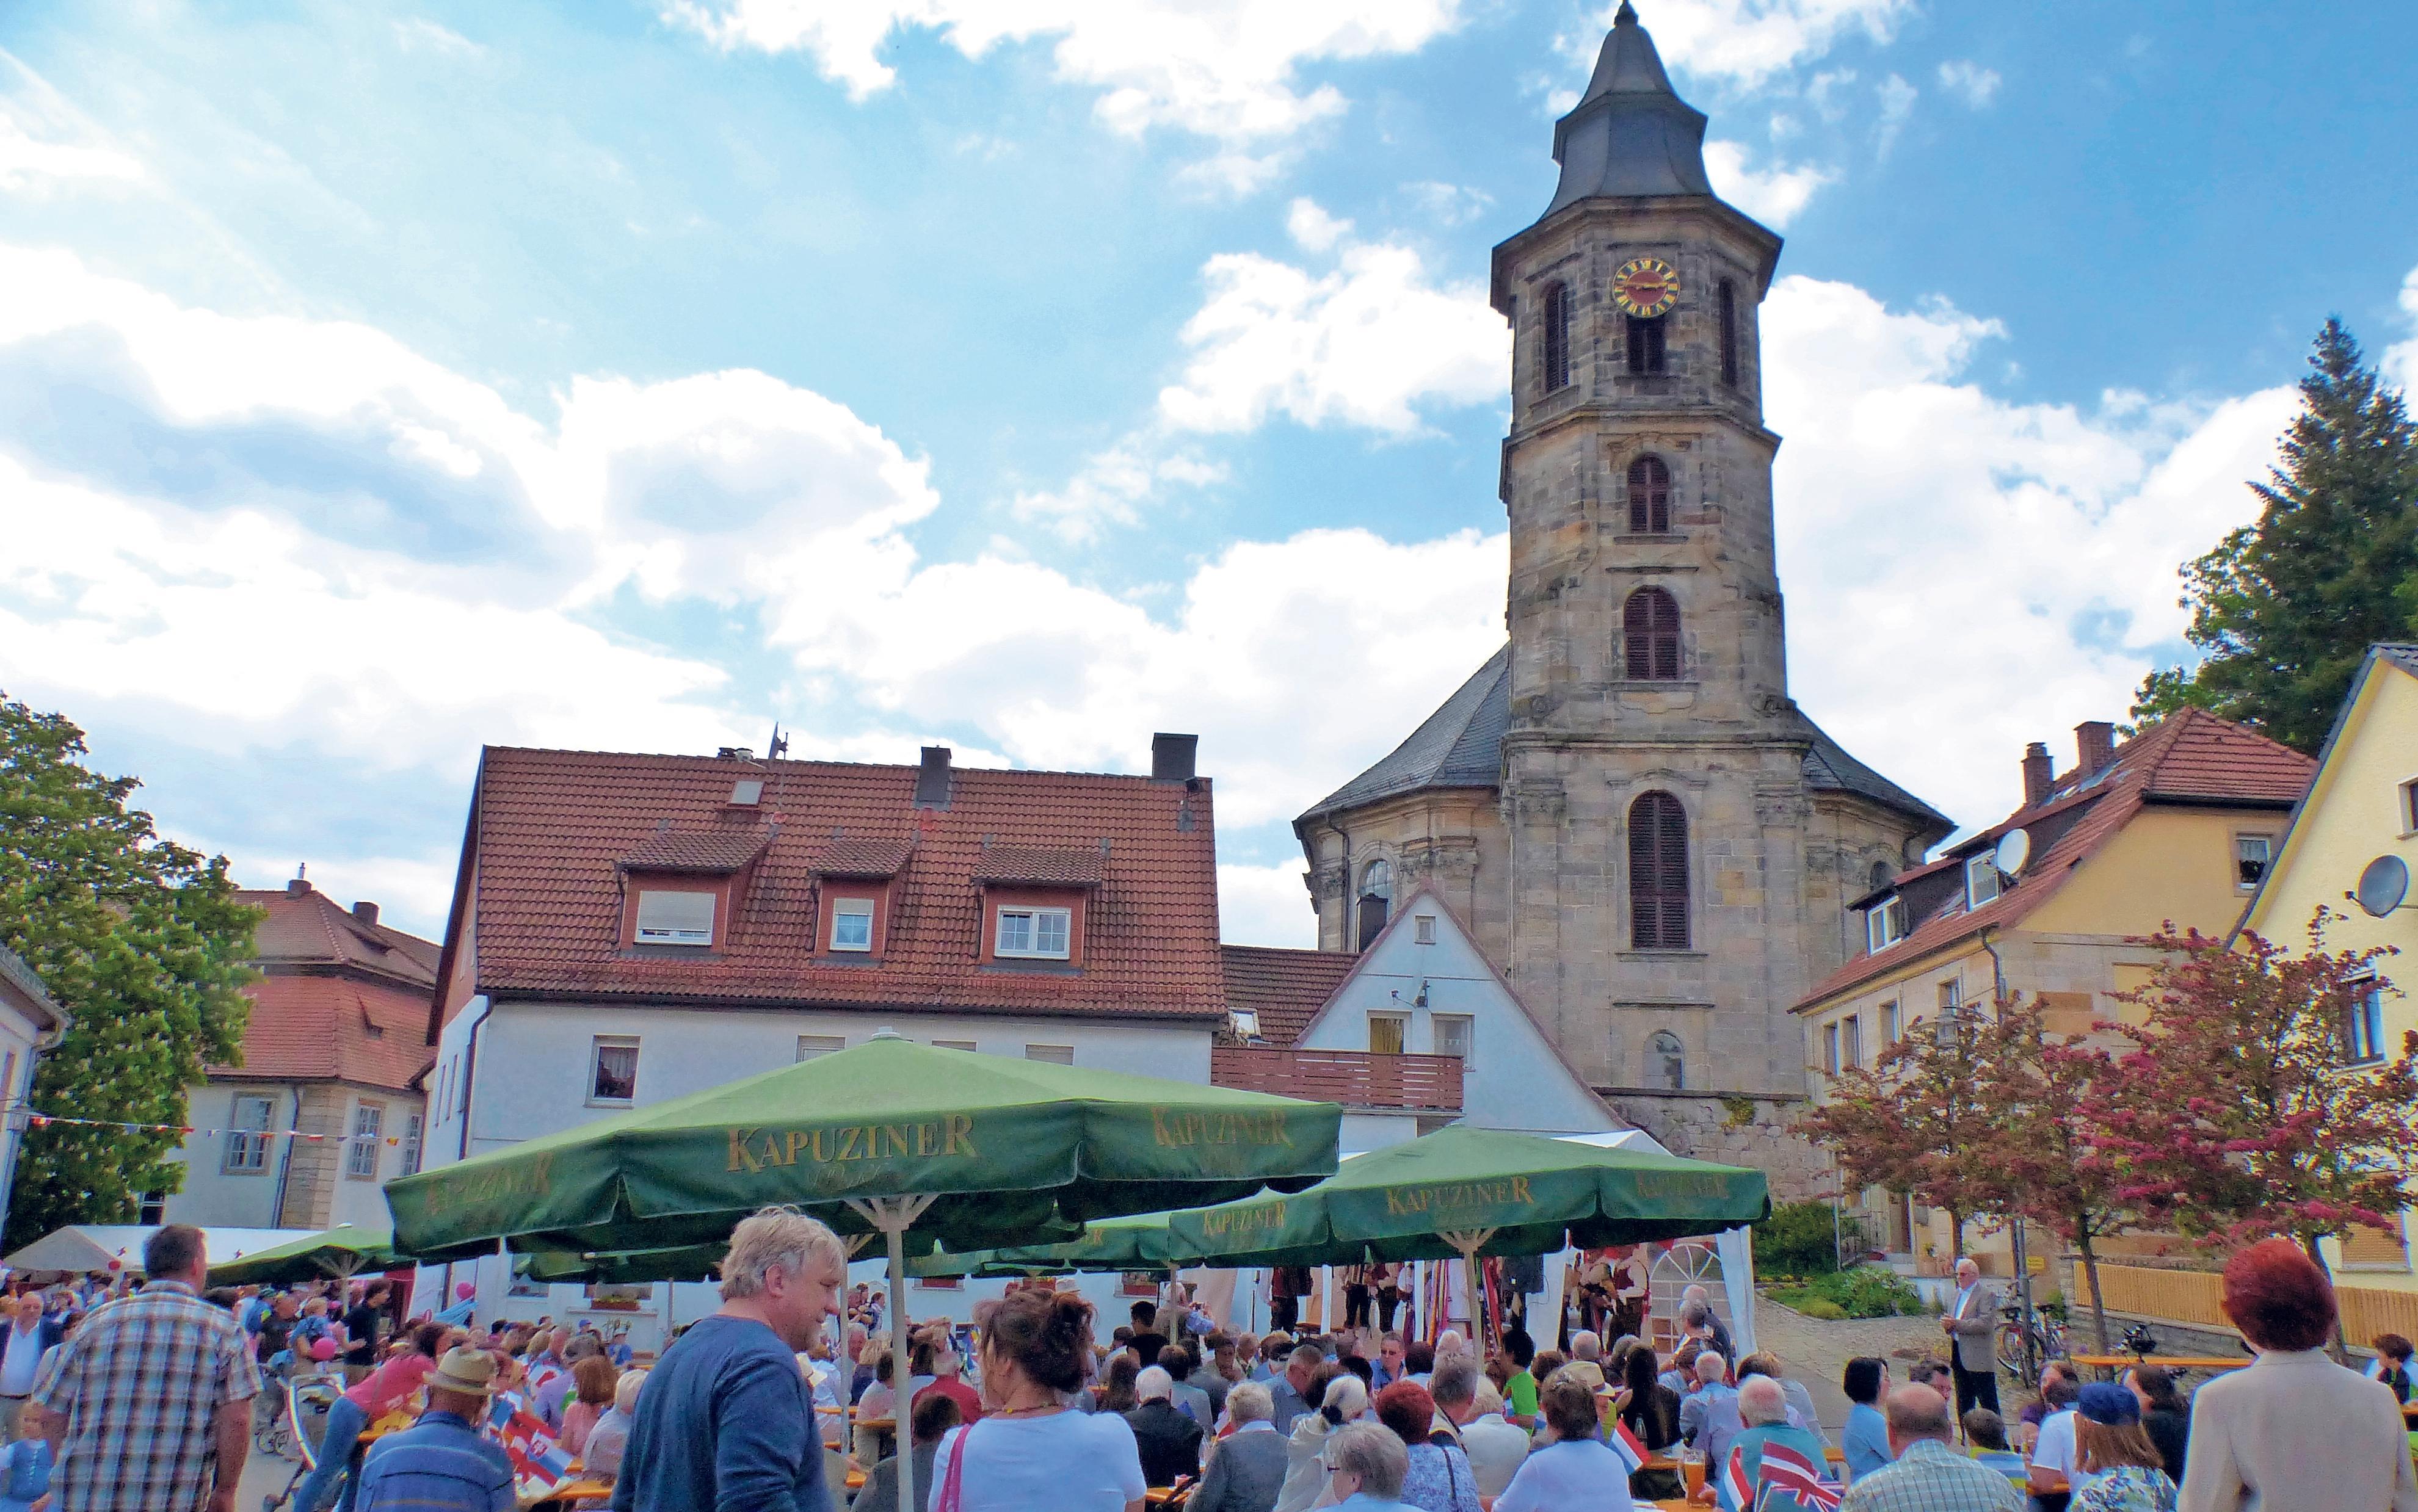 Im Mittelpunkt der Europatage in Neudrossenfeld stehen heuer Tschechien, Polen und die Ukraine. Foto: Archiv/Ute Eschenbacher